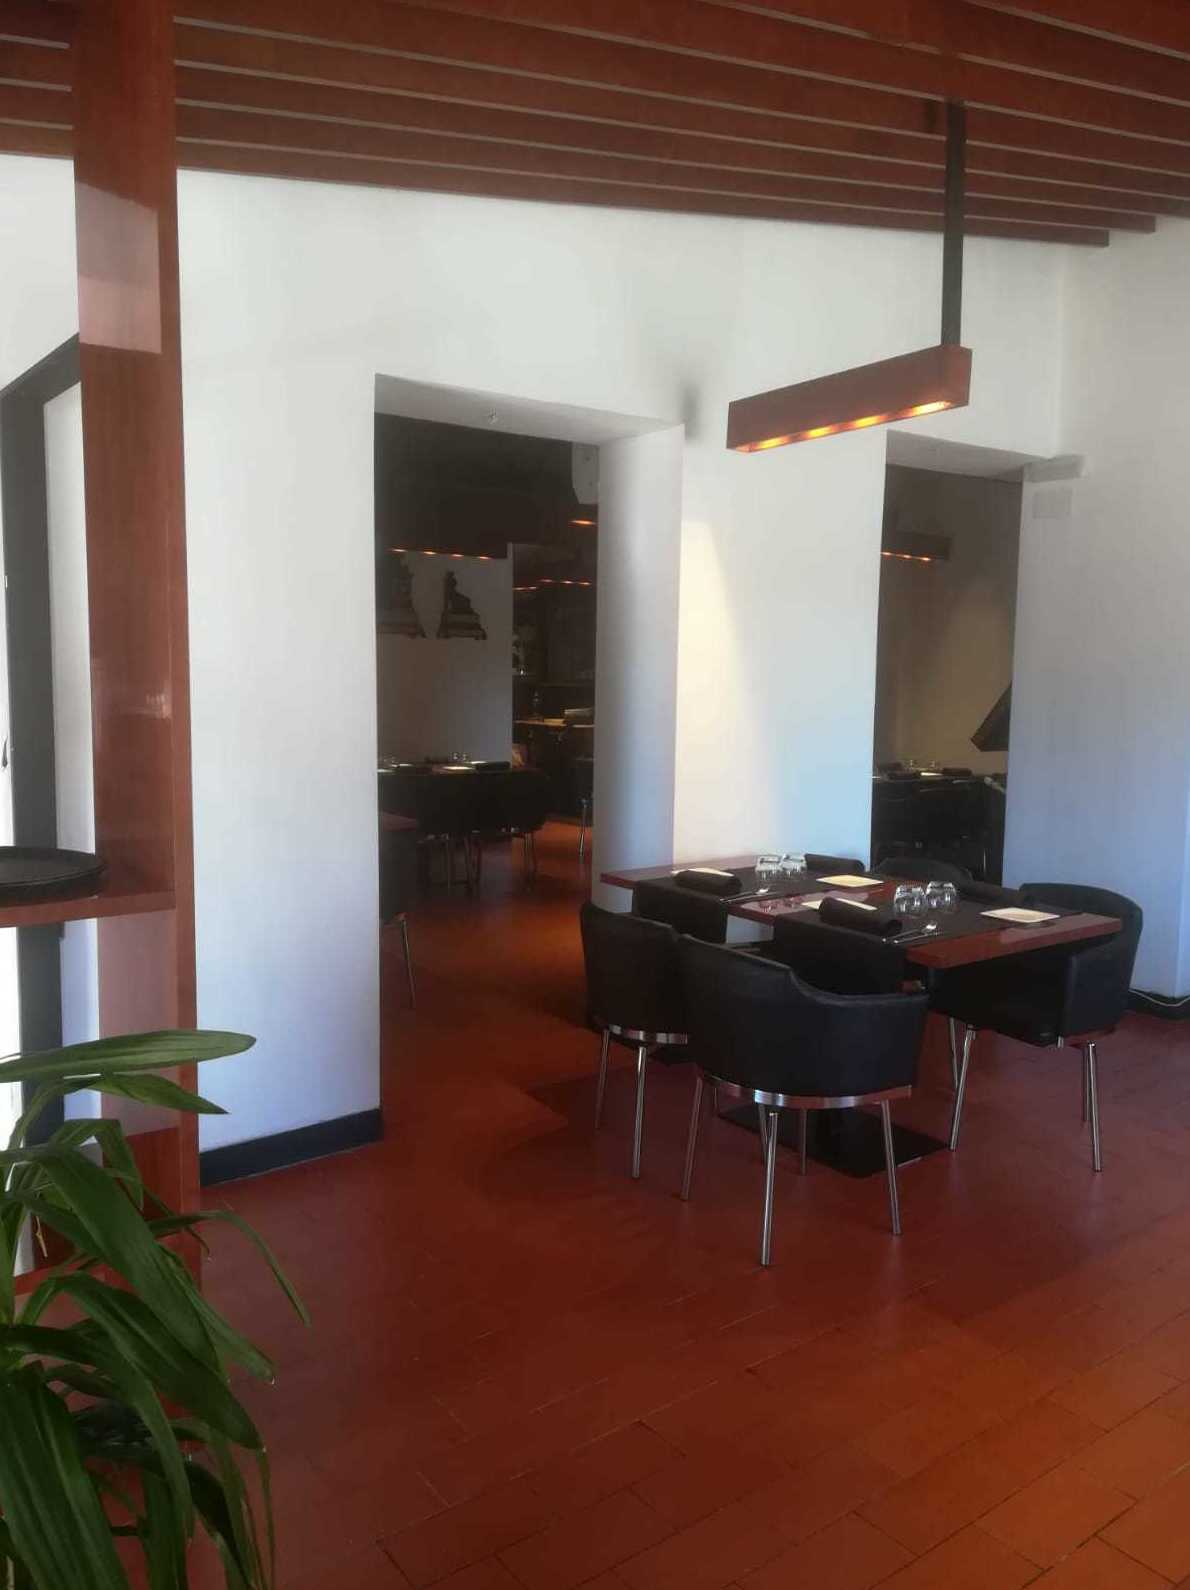 Foto 6 de Cocina creativa en Estación de Medinaceli | Restaurante Duque